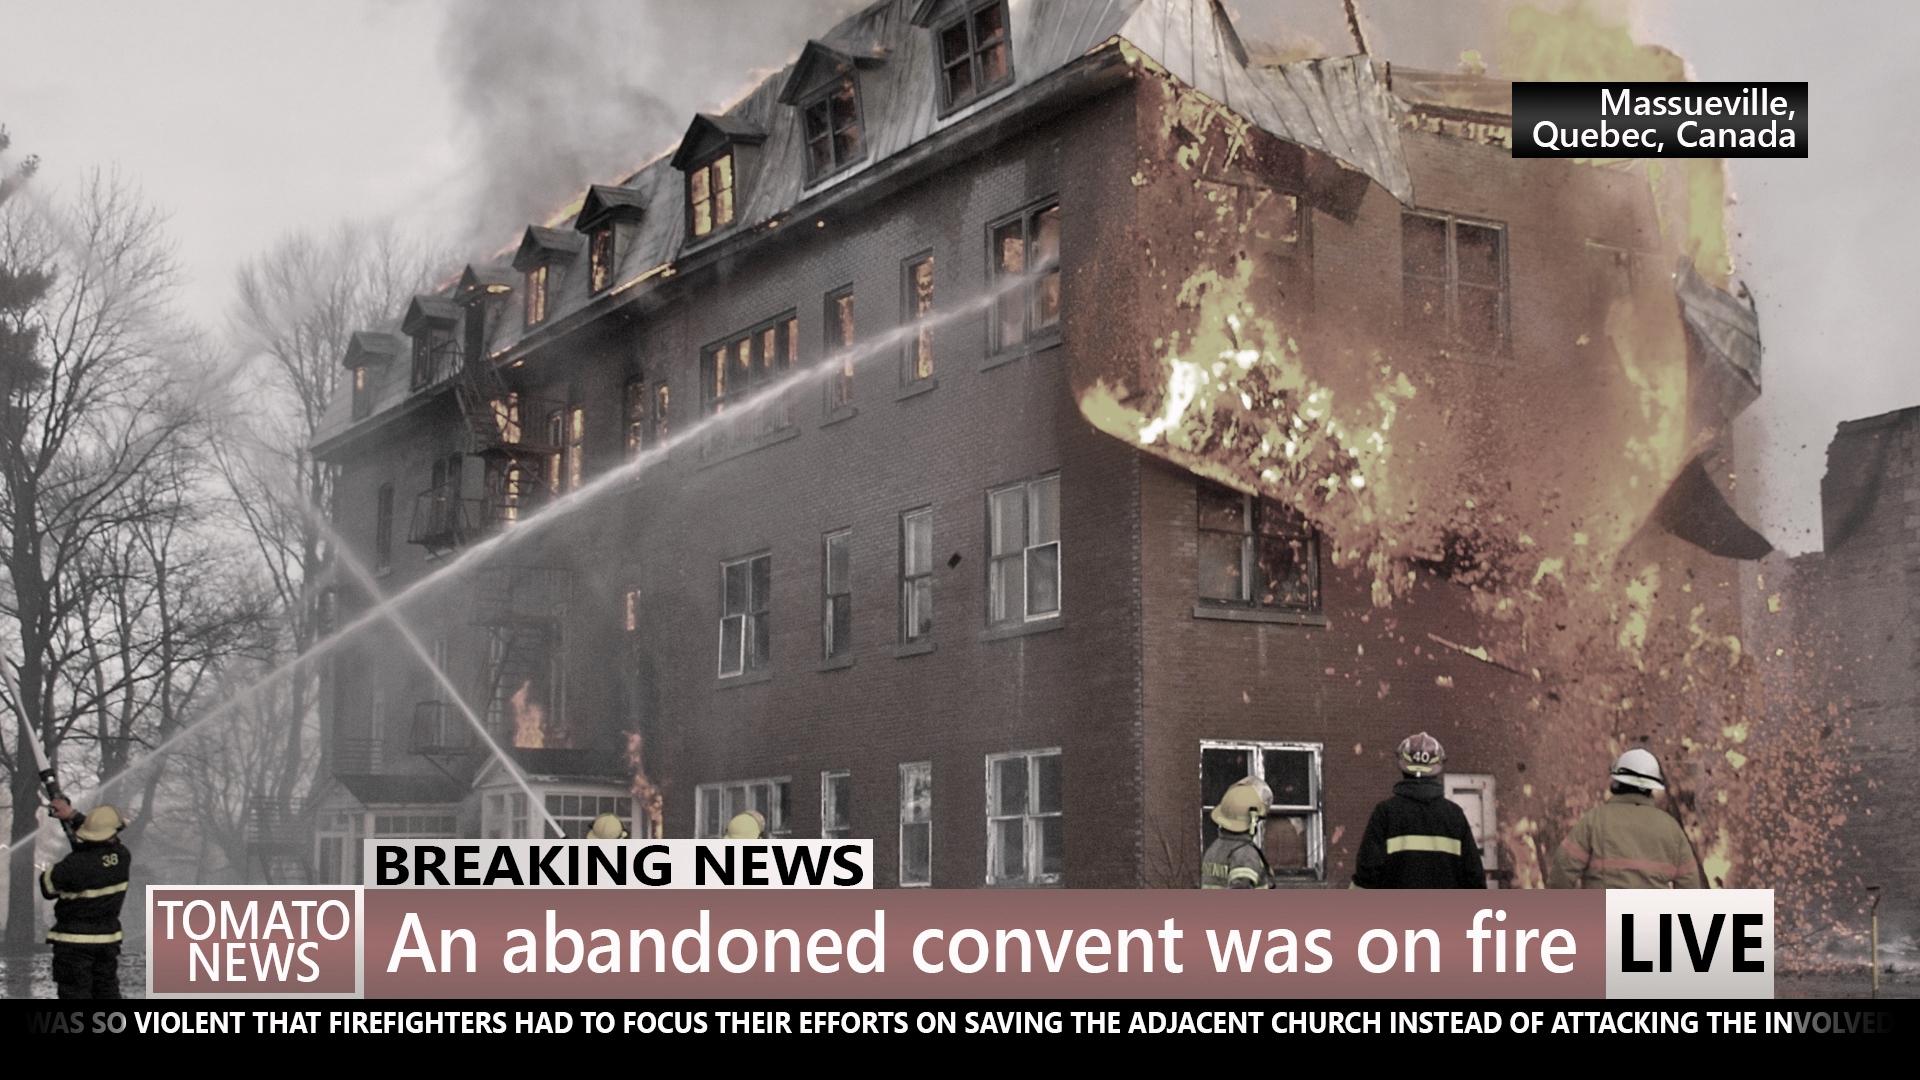 必要なニュースだけを見て、暗いニュースを見ない方法